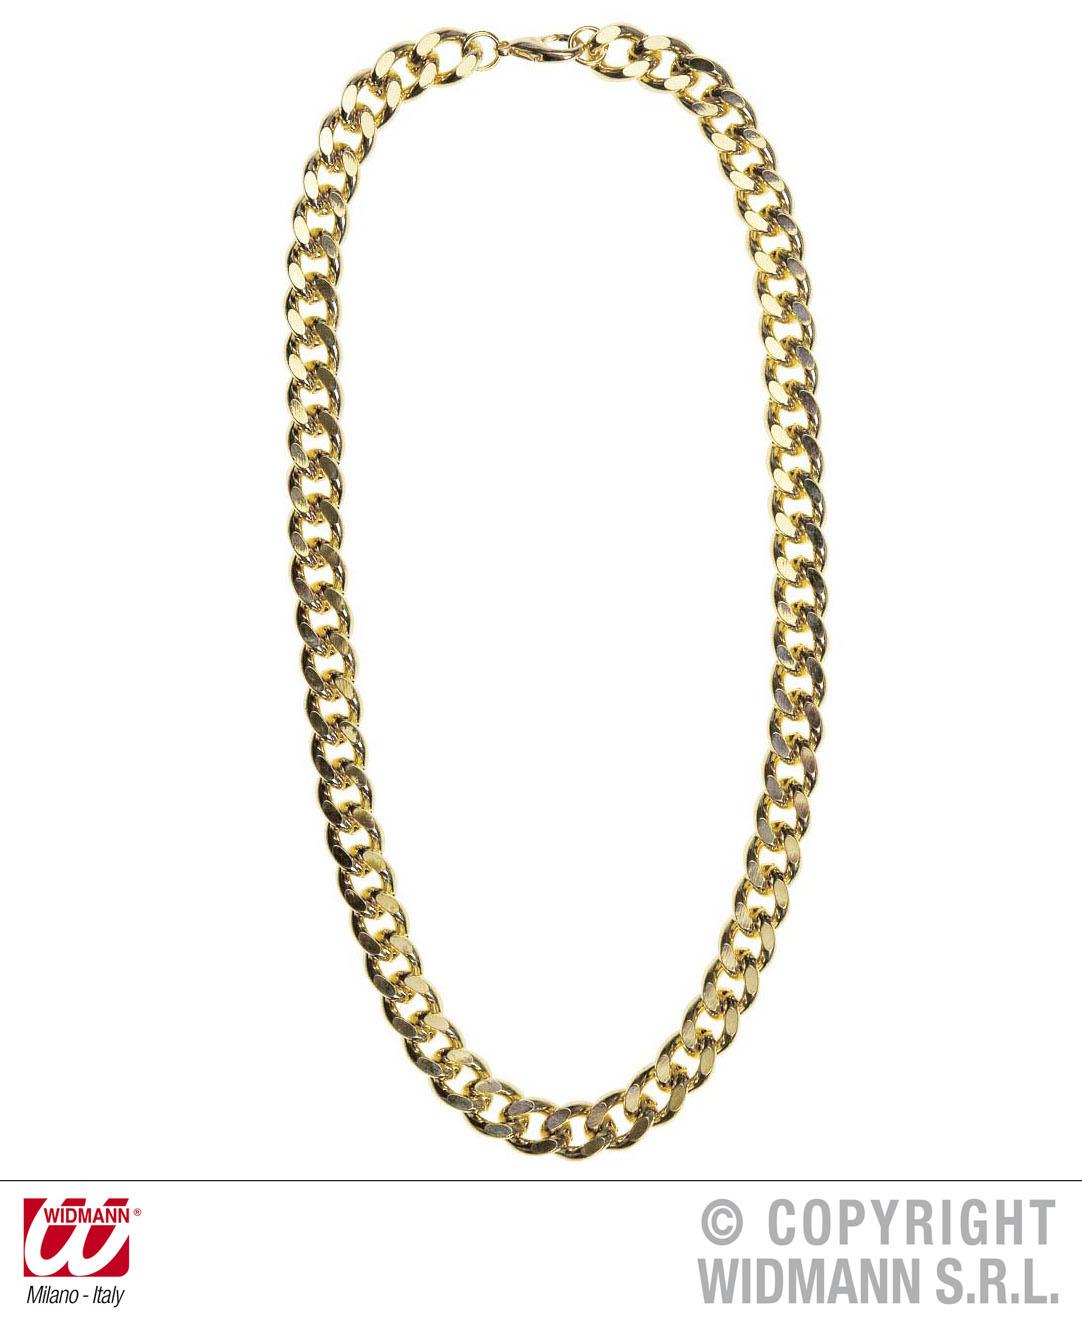 goldkette schwer 80er jahre ca 60 cm lang ganster rapper scheich 2667. Black Bedroom Furniture Sets. Home Design Ideas